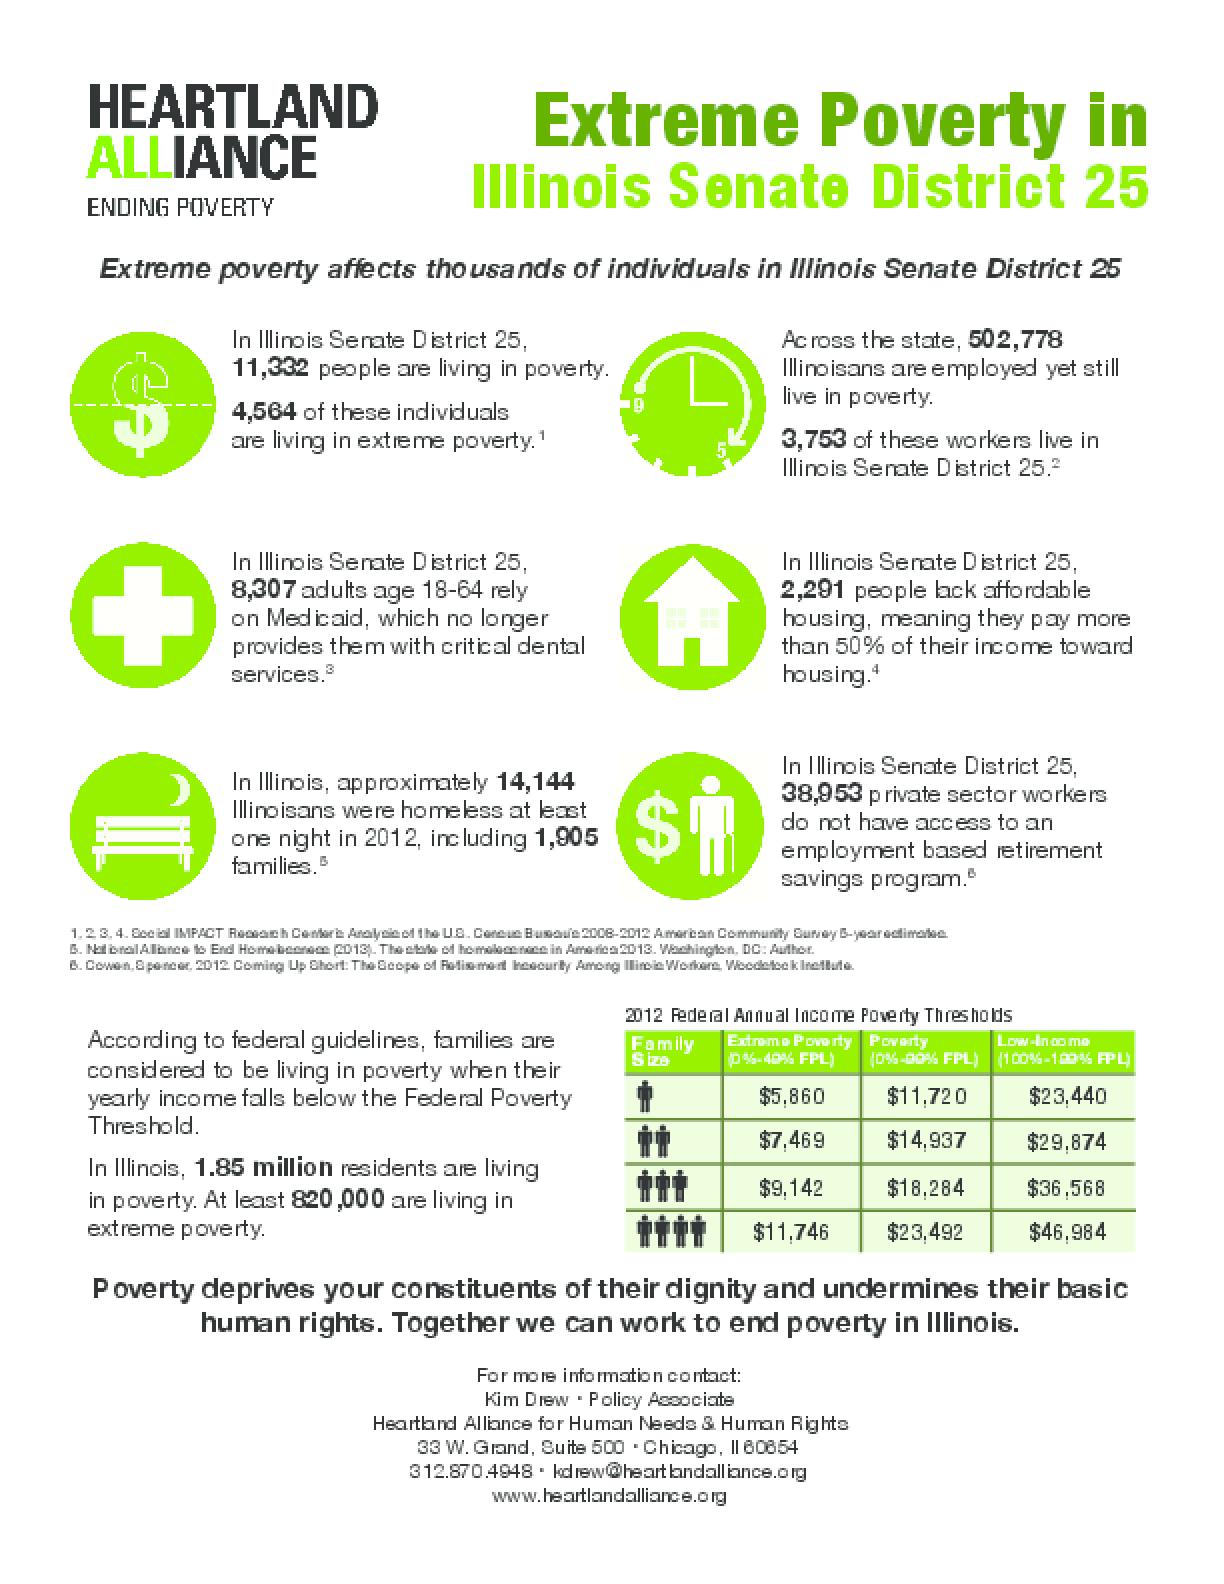 Poverty Fact Sheet for Illinois Senate District 25